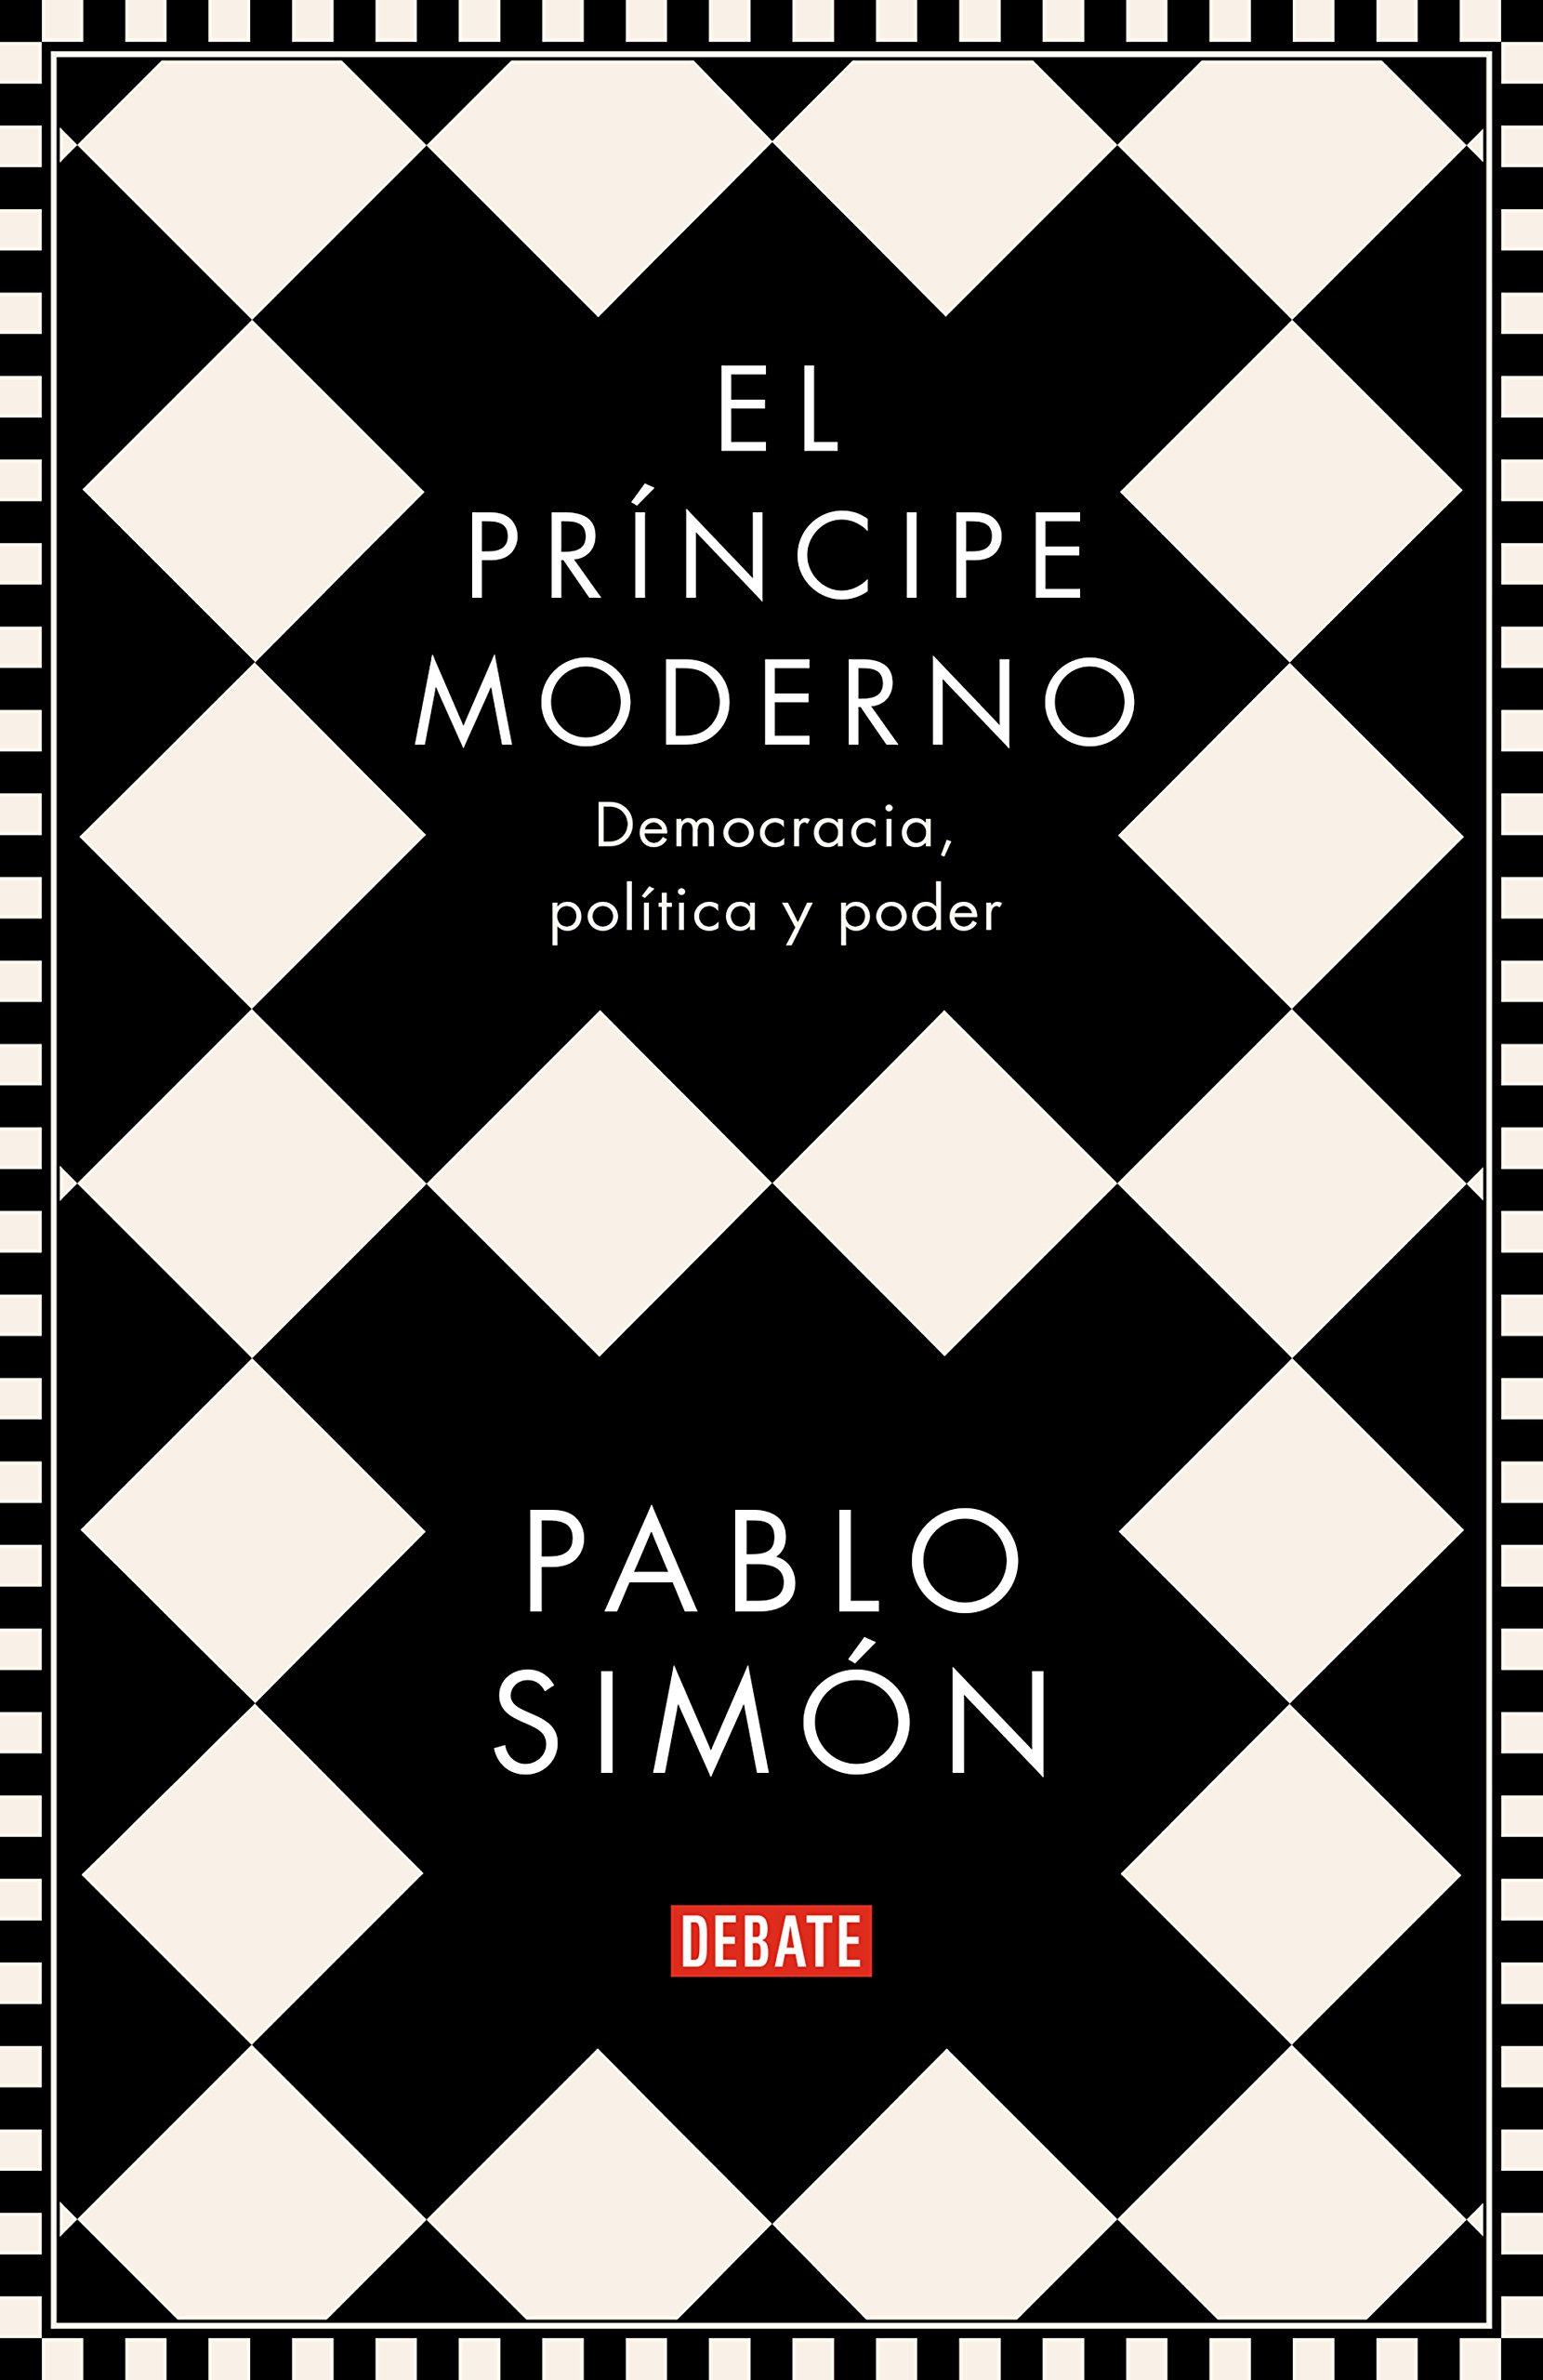 El príncipe moderno: Democracia, política y poder: Amazon.es: Pablo Simón:  Libros